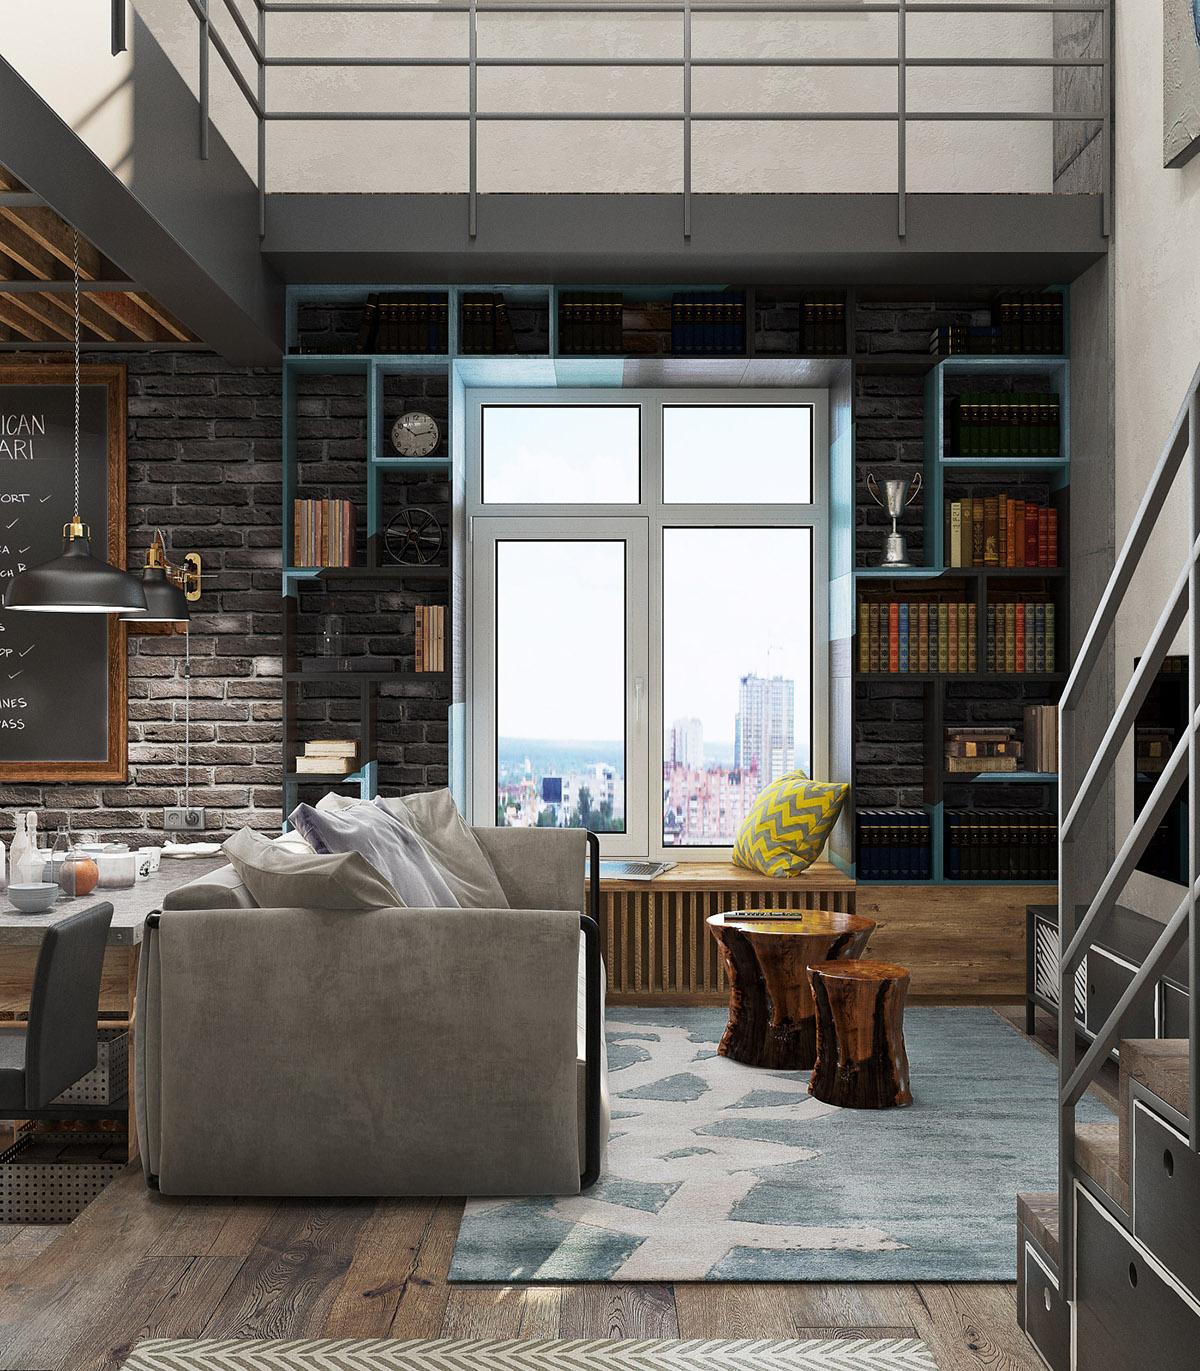 một gác xép theo phong cách công nghiệp pop-art ở Moscow. Giá sách màu xanh lam tạo khung hộp xung quanh cửa sổ phòng khách lớn. Một tấm thảm đồ họa lấy điểm nhấn màu xanh lam cho sàn nhà.